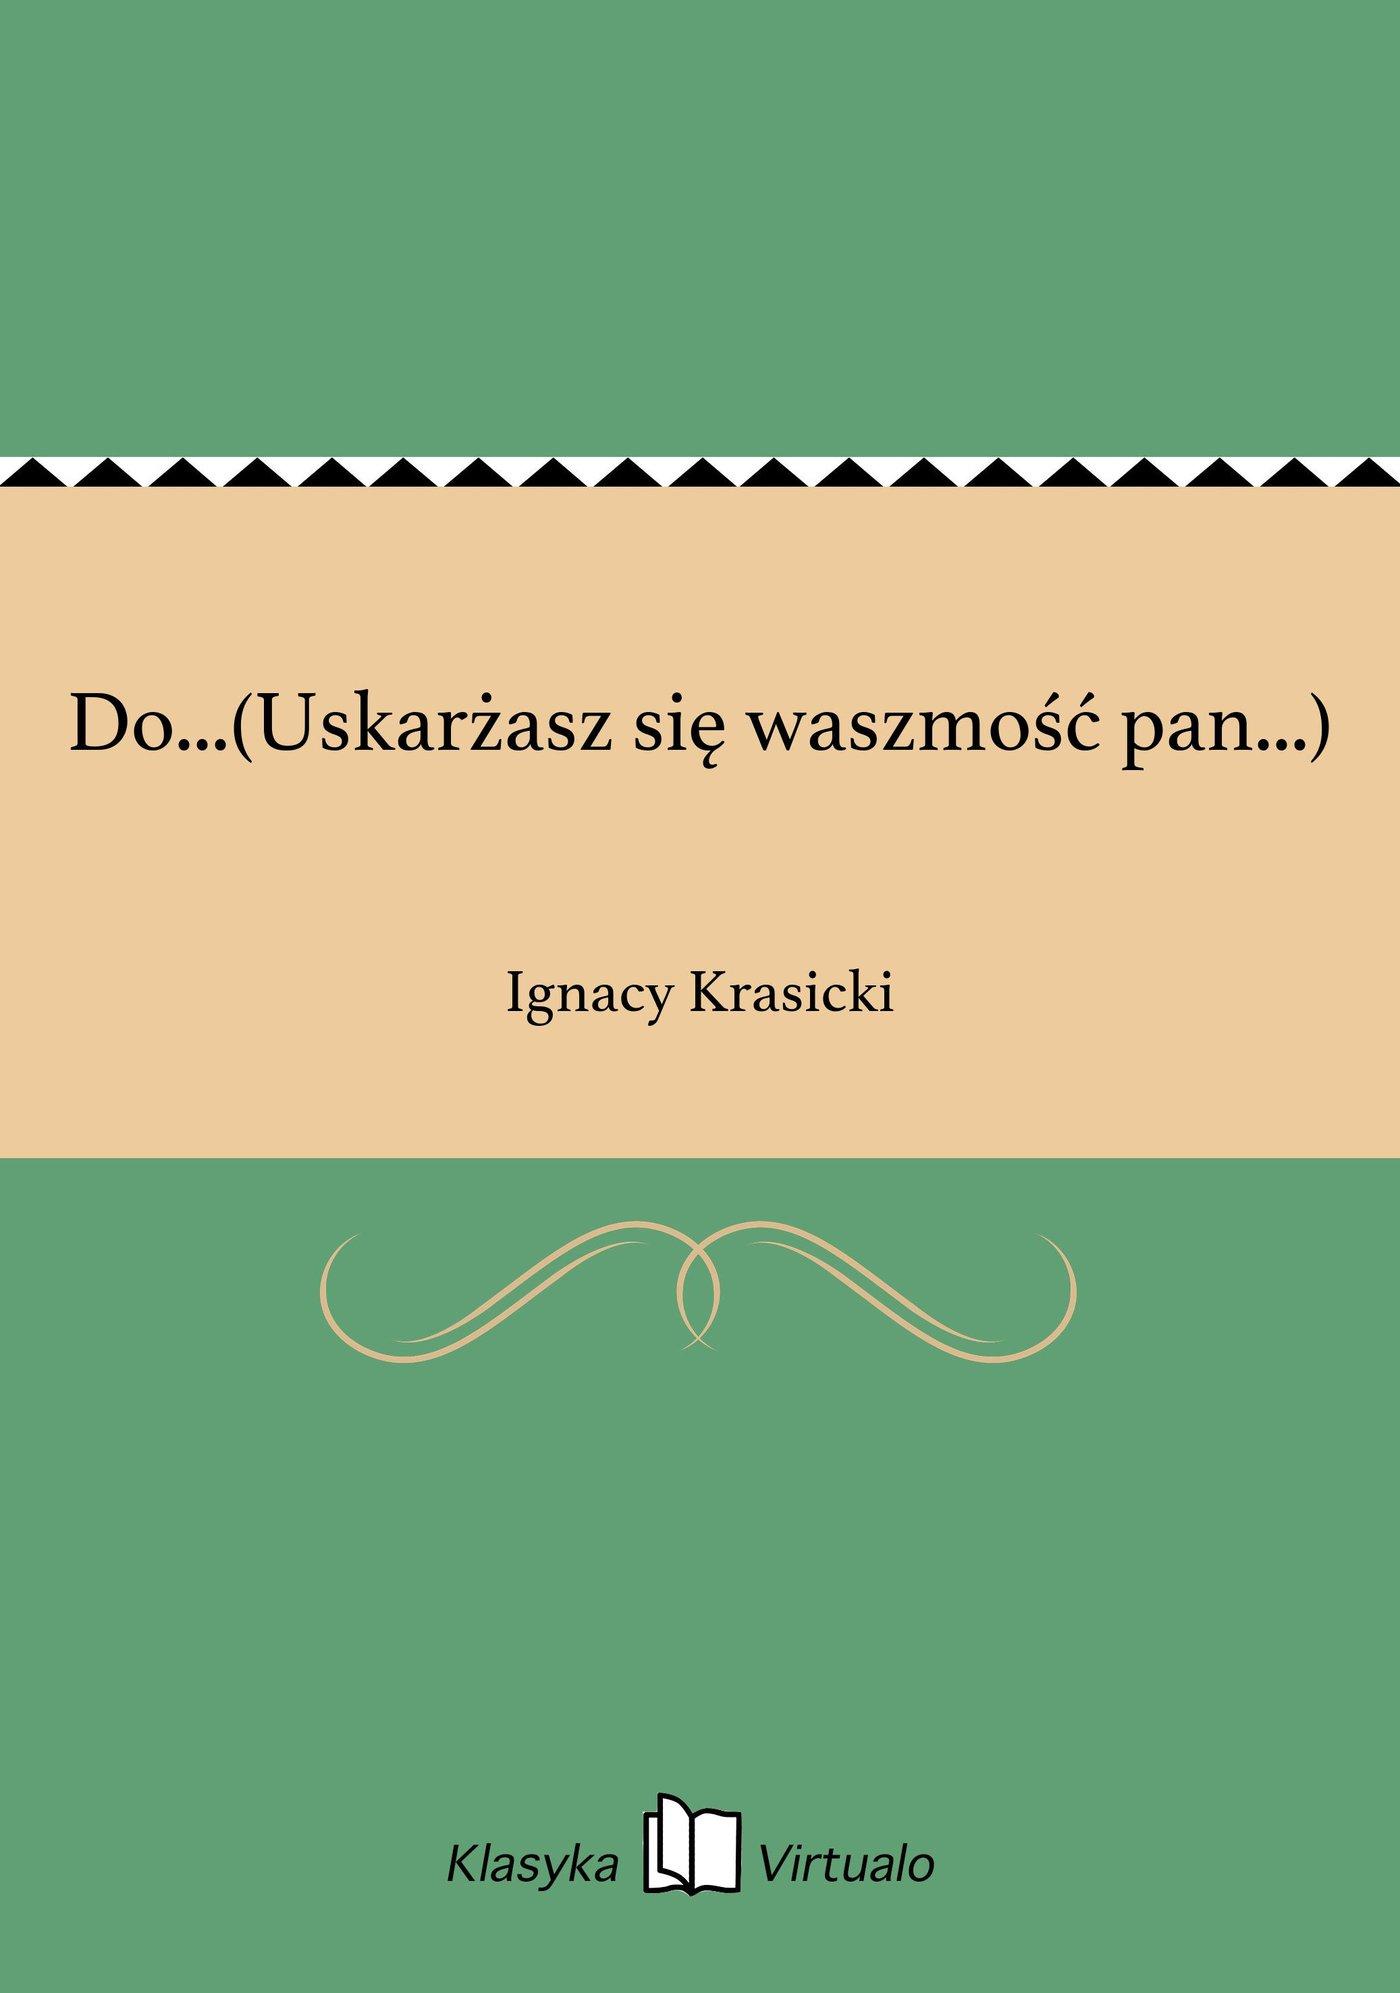 Do...(Uskarżasz się waszmość pan...) - Ebook (Książka na Kindle) do pobrania w formacie MOBI